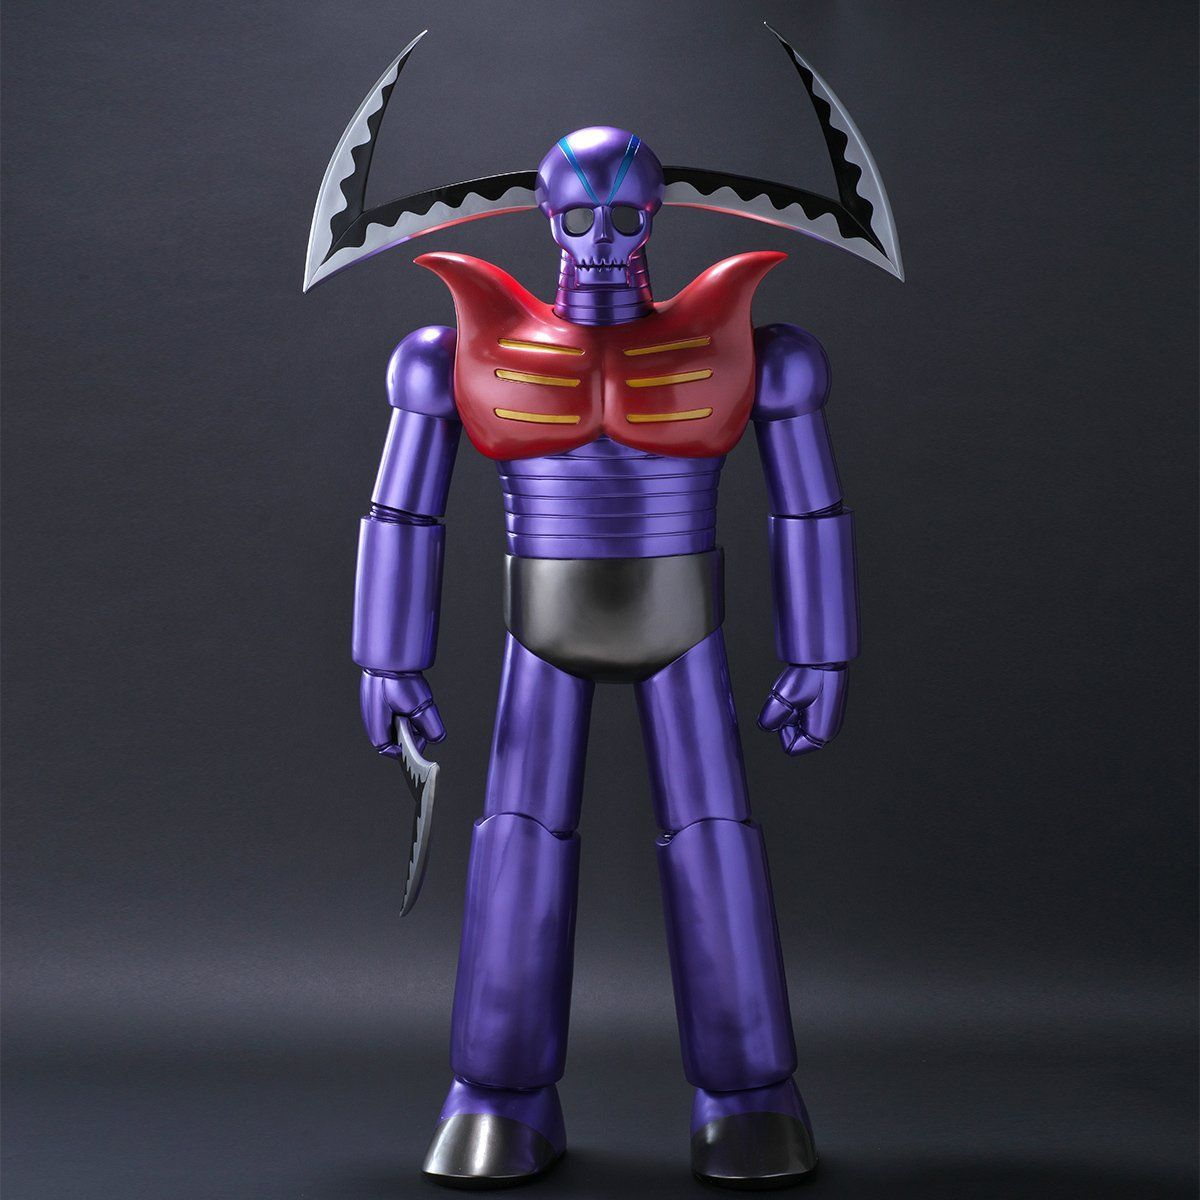 究極造形シリーズSP『ガラダK7 ジャイアントカッターVer. あしゅら男爵付き』マジンガーZ ソフビ・フィギュア-001